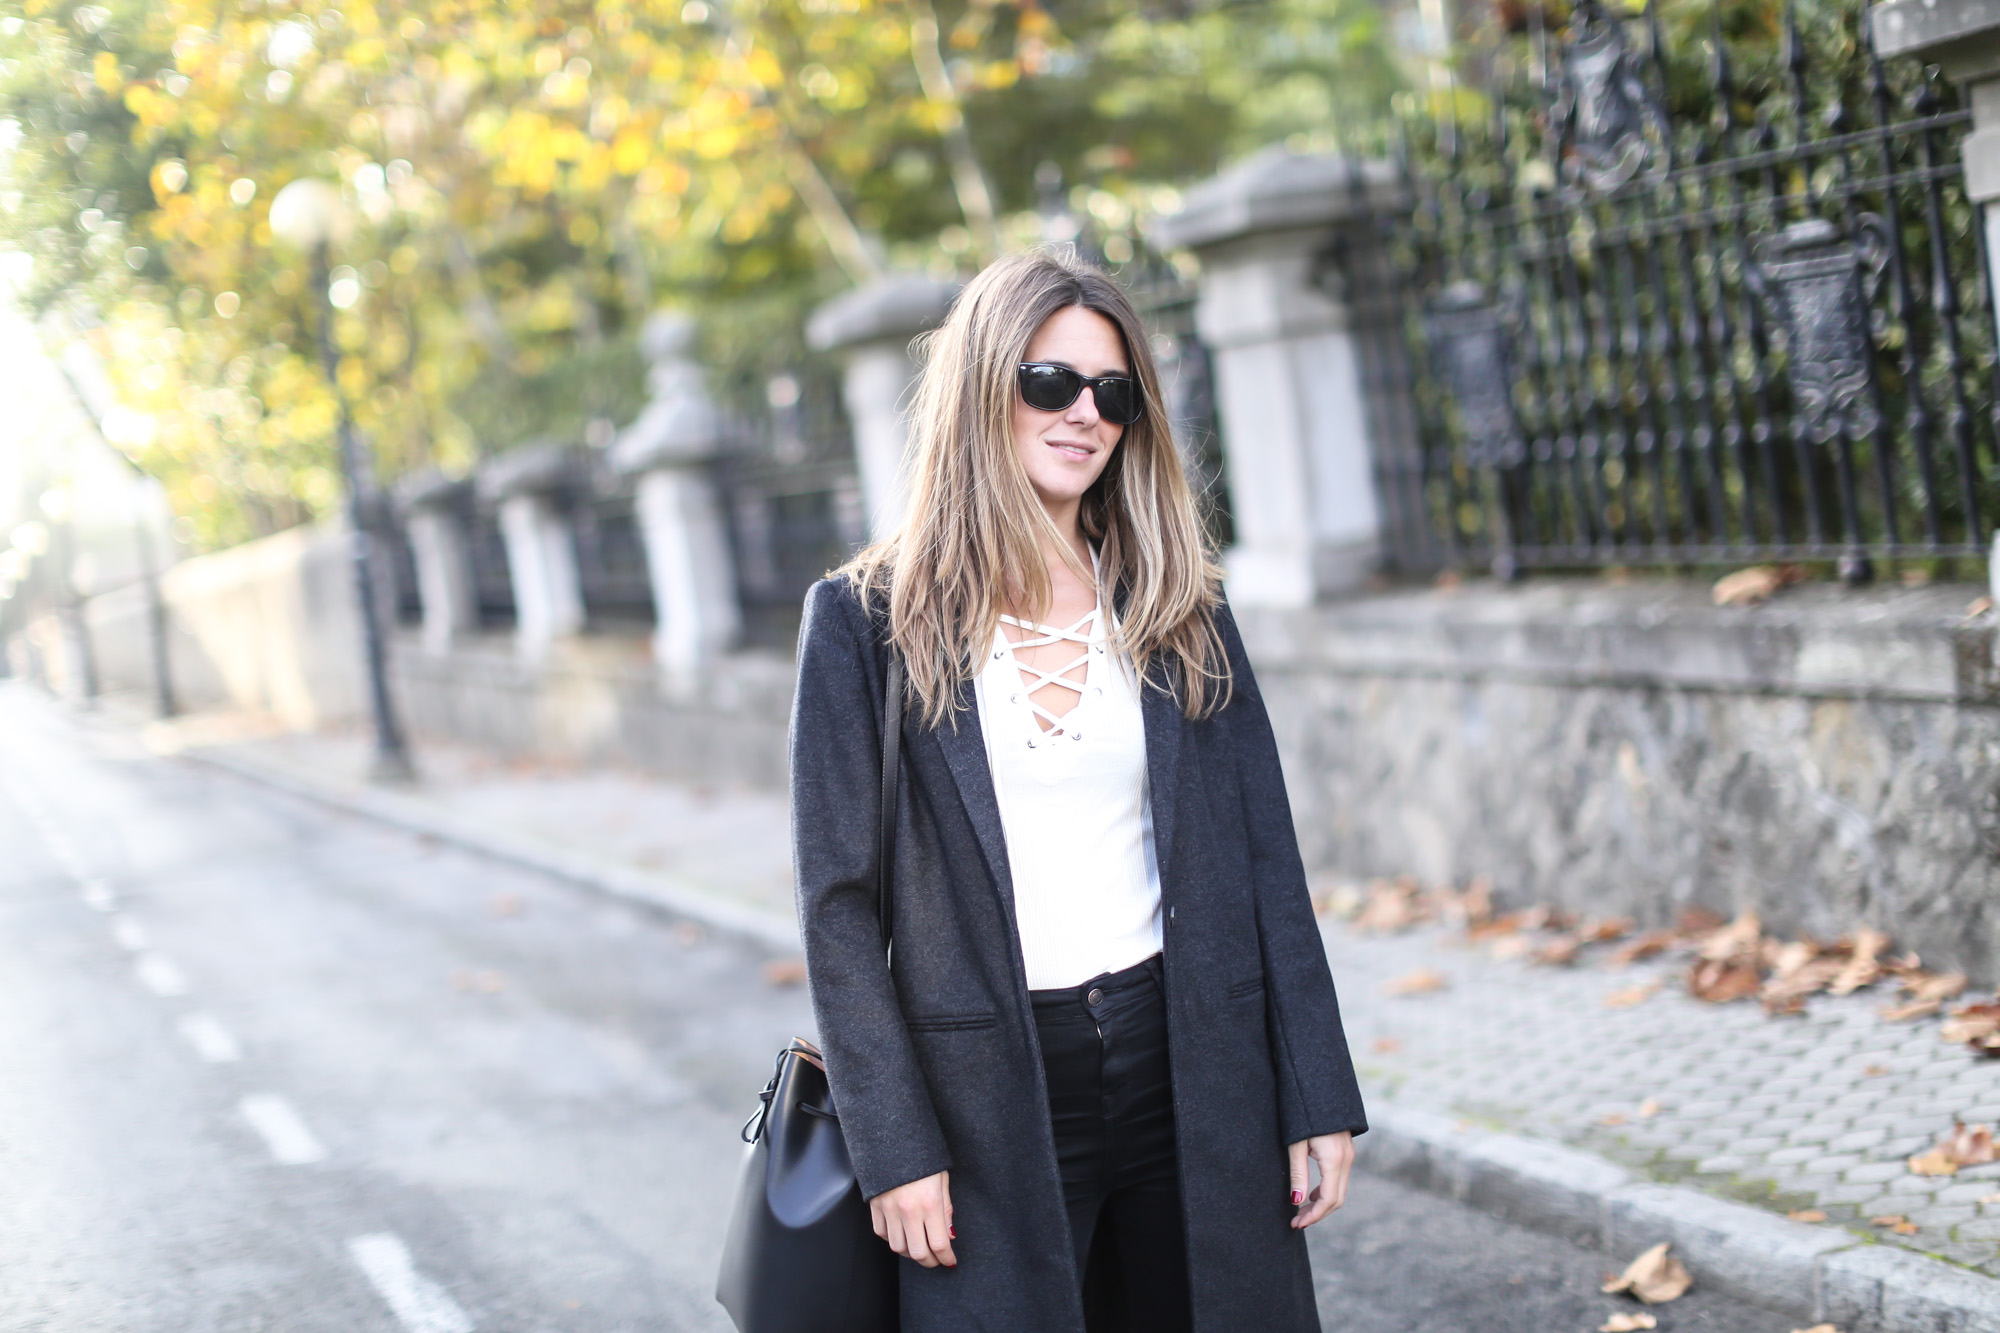 Clochet_streetstyle_eseoese_wool_grey_tailored-coat_mansur_gavriel_bucket_bag